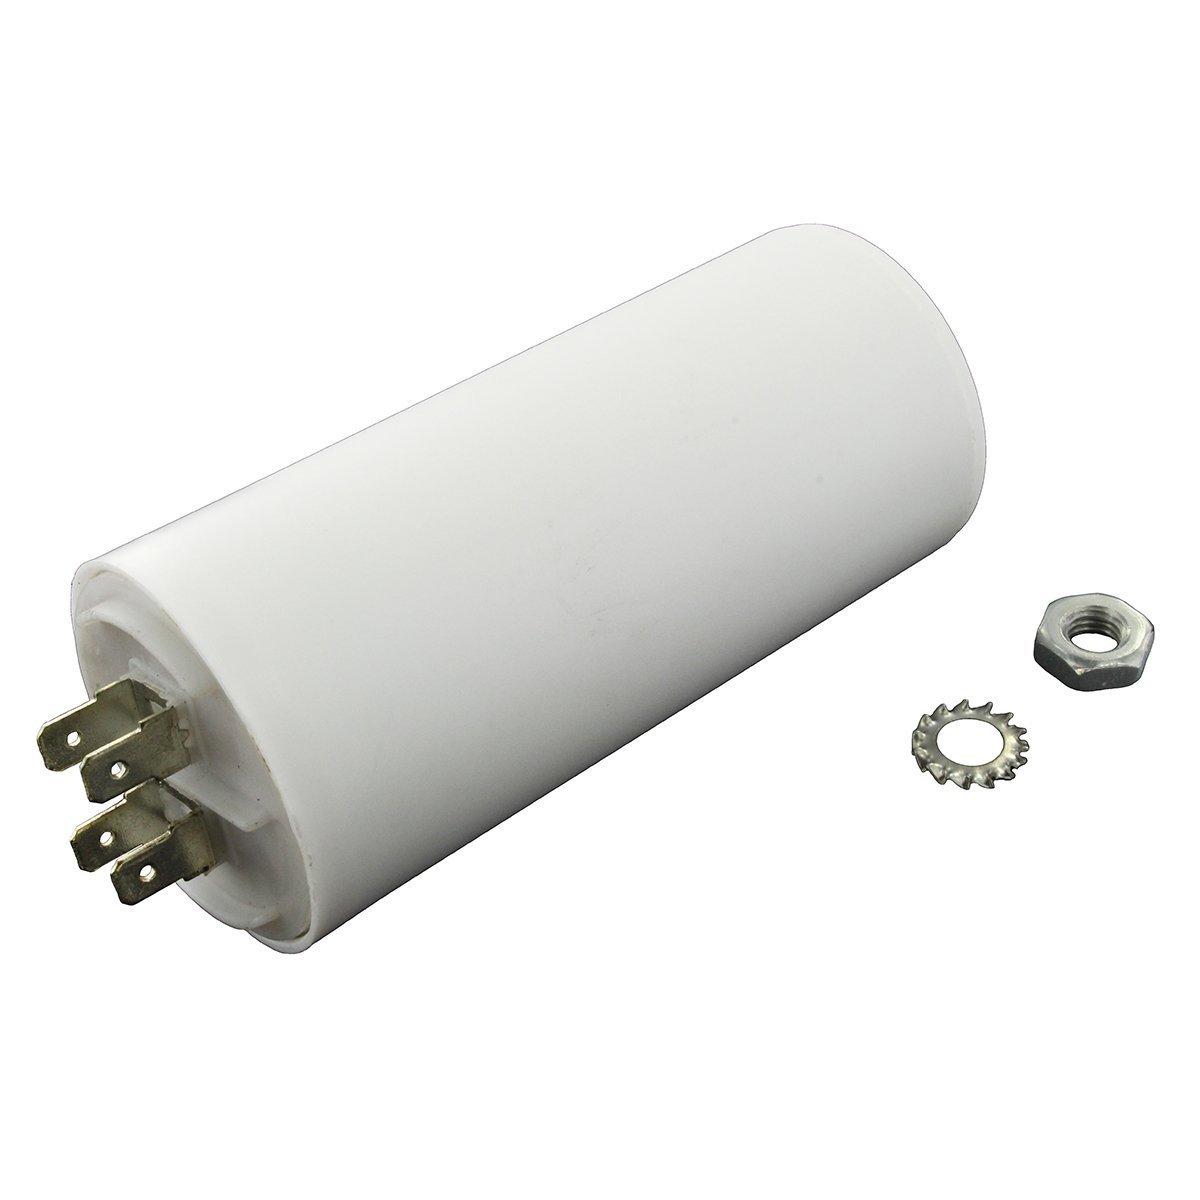 Find A Spare - Condensador de Arranque Universal 31.5UF/31.5MFD ...